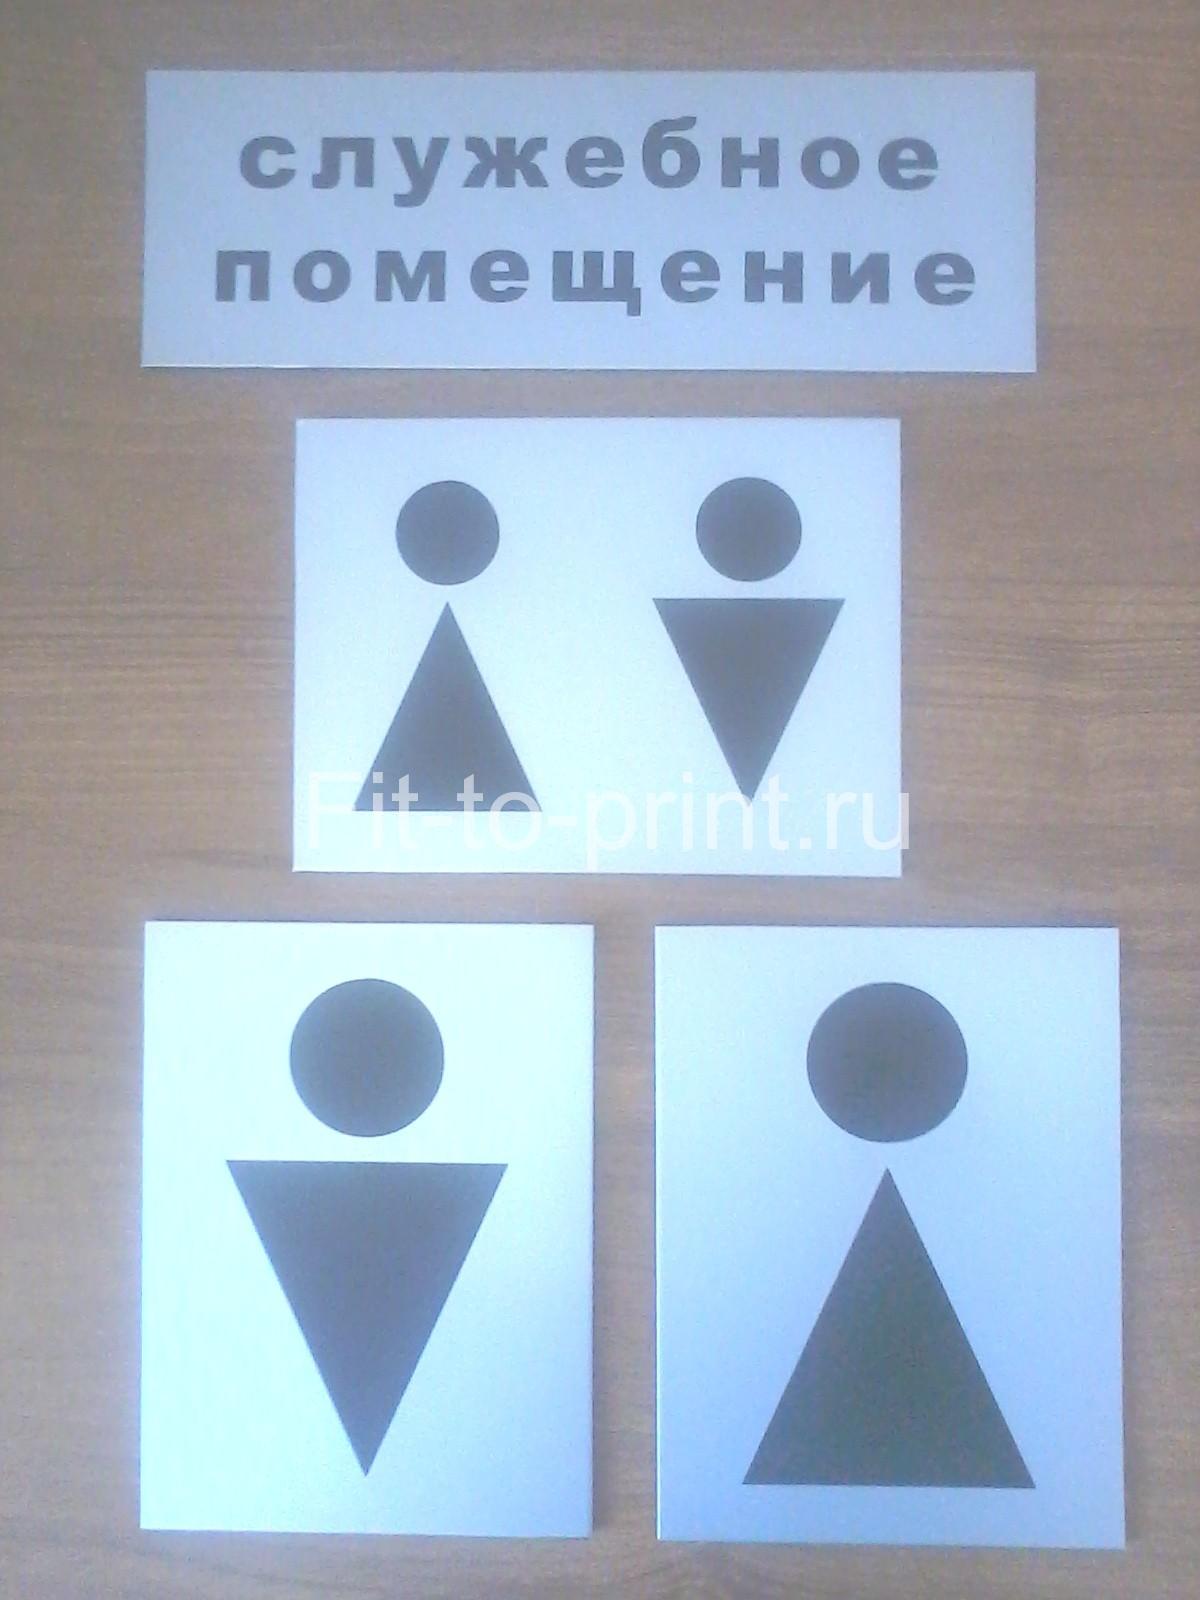 Таблички под бренд магазина